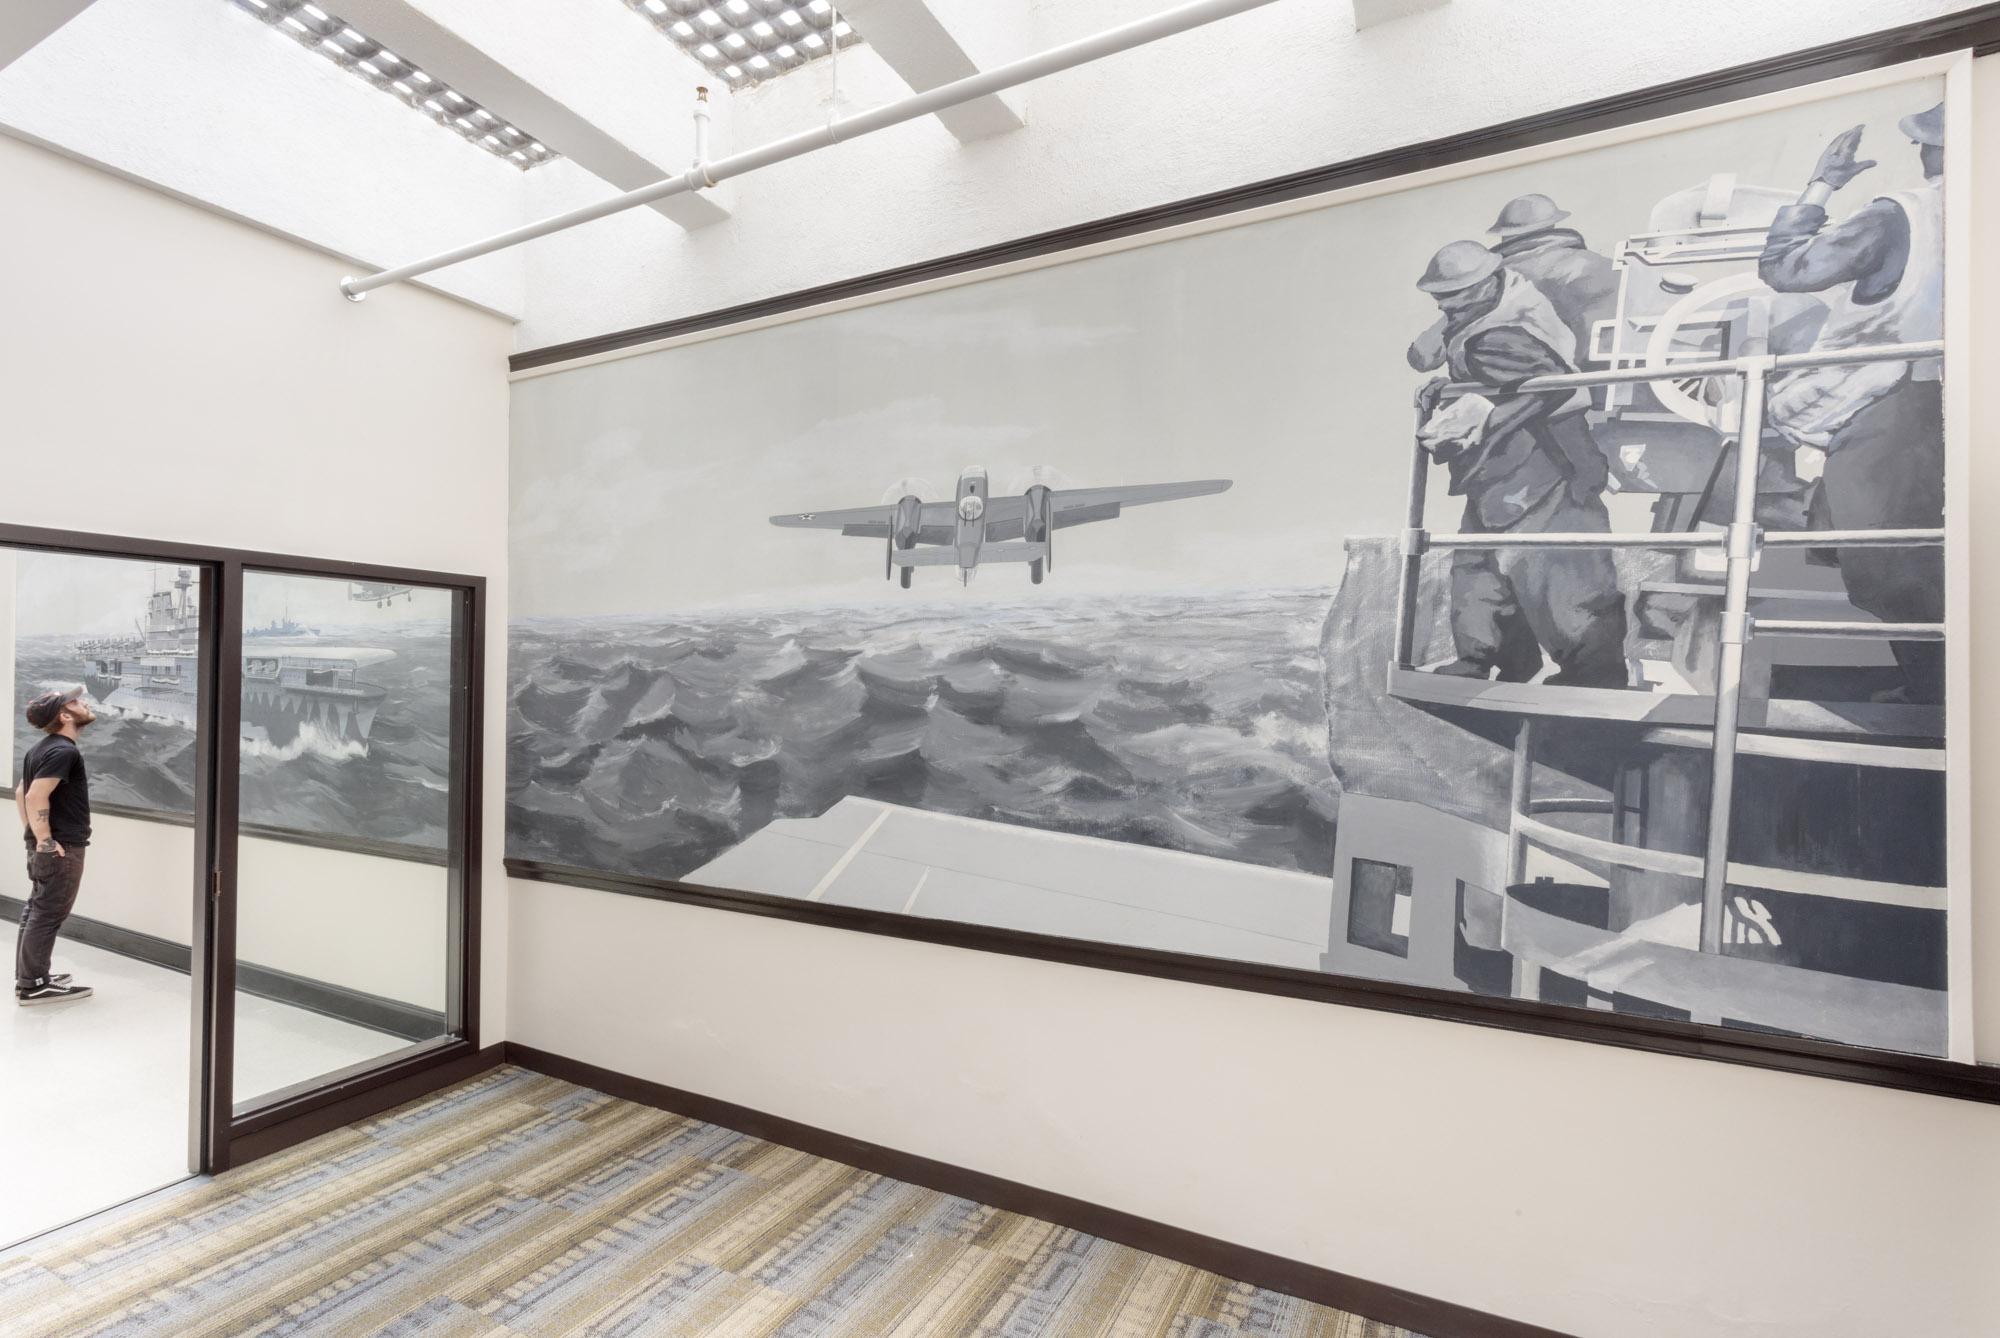 Image: Doolittle Raid Mural